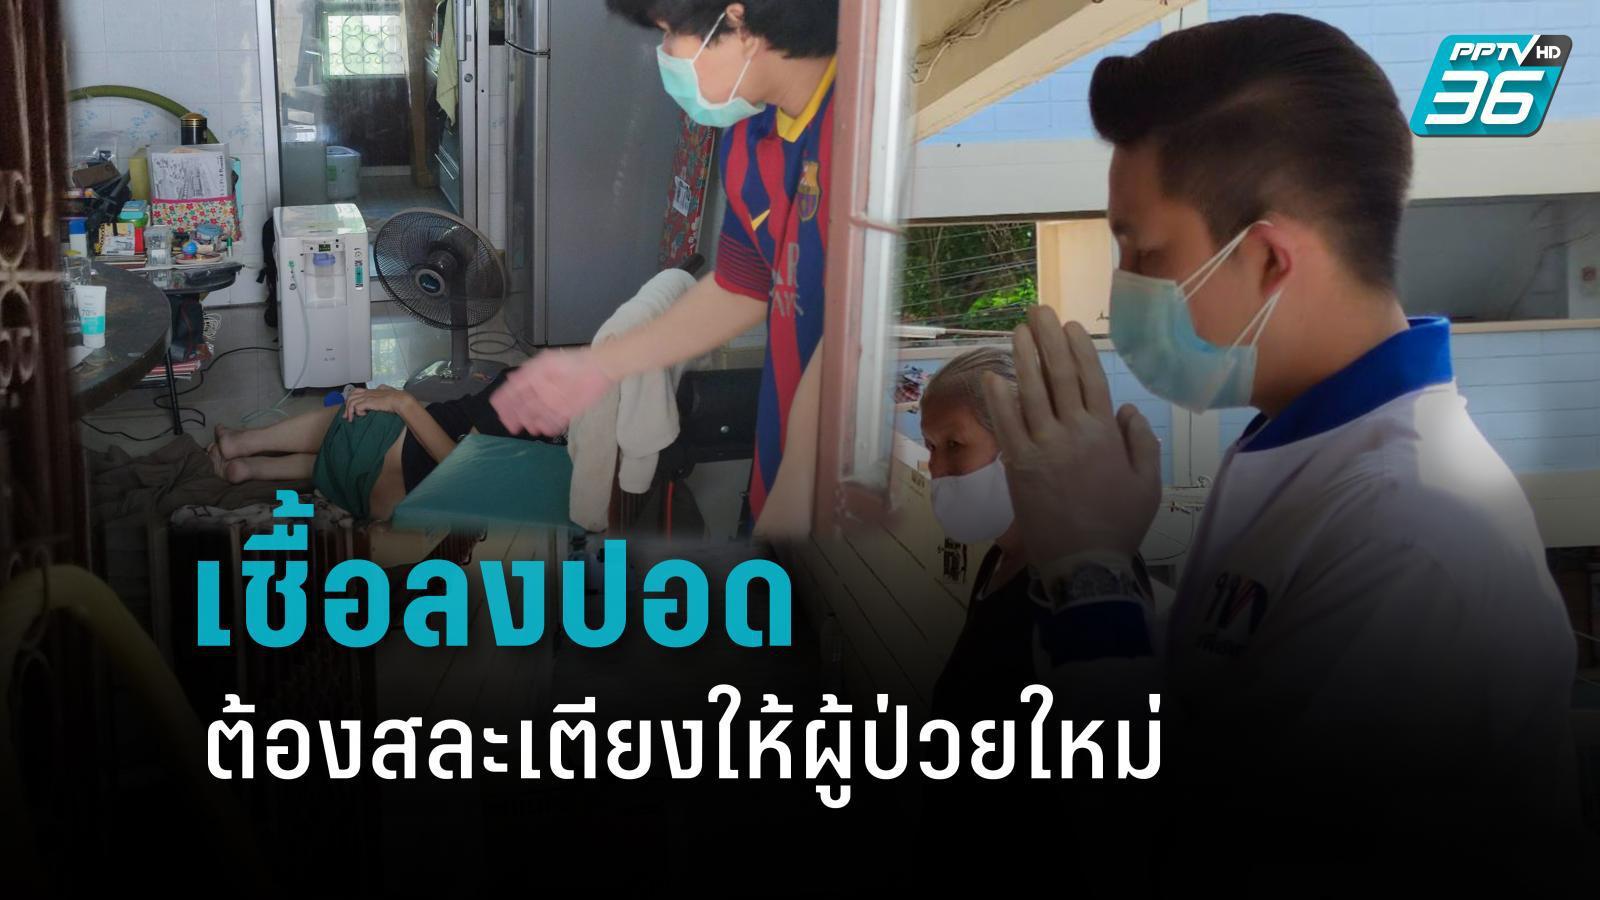 วิกฤตเตียง !! 2 พ่อลูกโควิดลงปอด หมอขอร้องให้เสียสละเตียงให้ผู้ป่วยใหม่